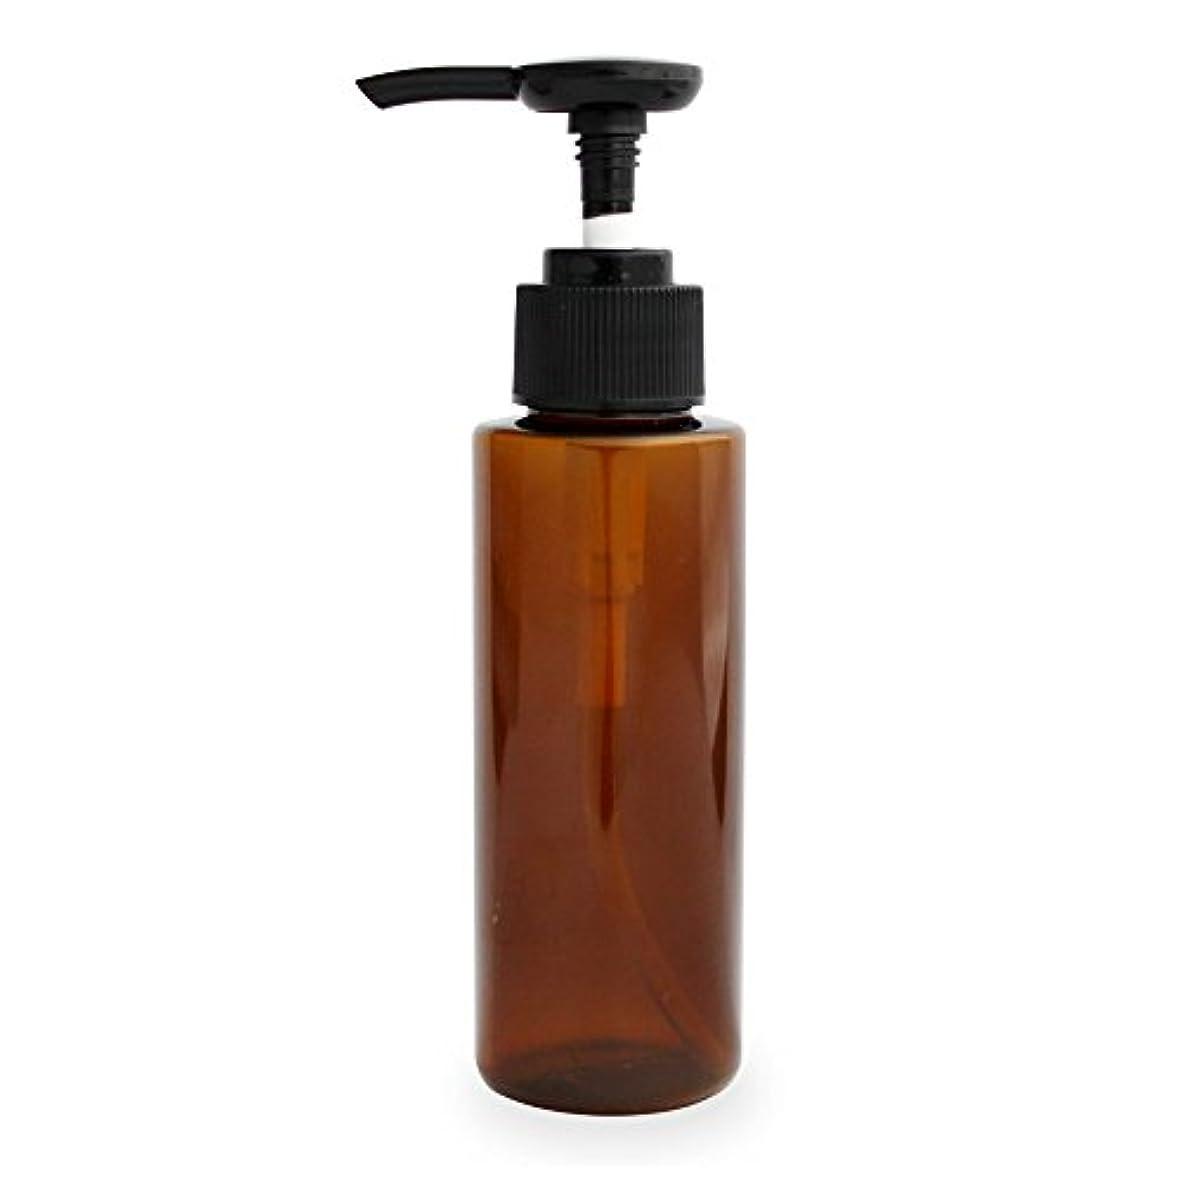 ゴミ箱を空にする敏感な浴ポンプボトル100ml(ブラウン)(プラスチック容器 オイル用空瓶 プラスチック製-PET 空ボトル プッシュポンプ)